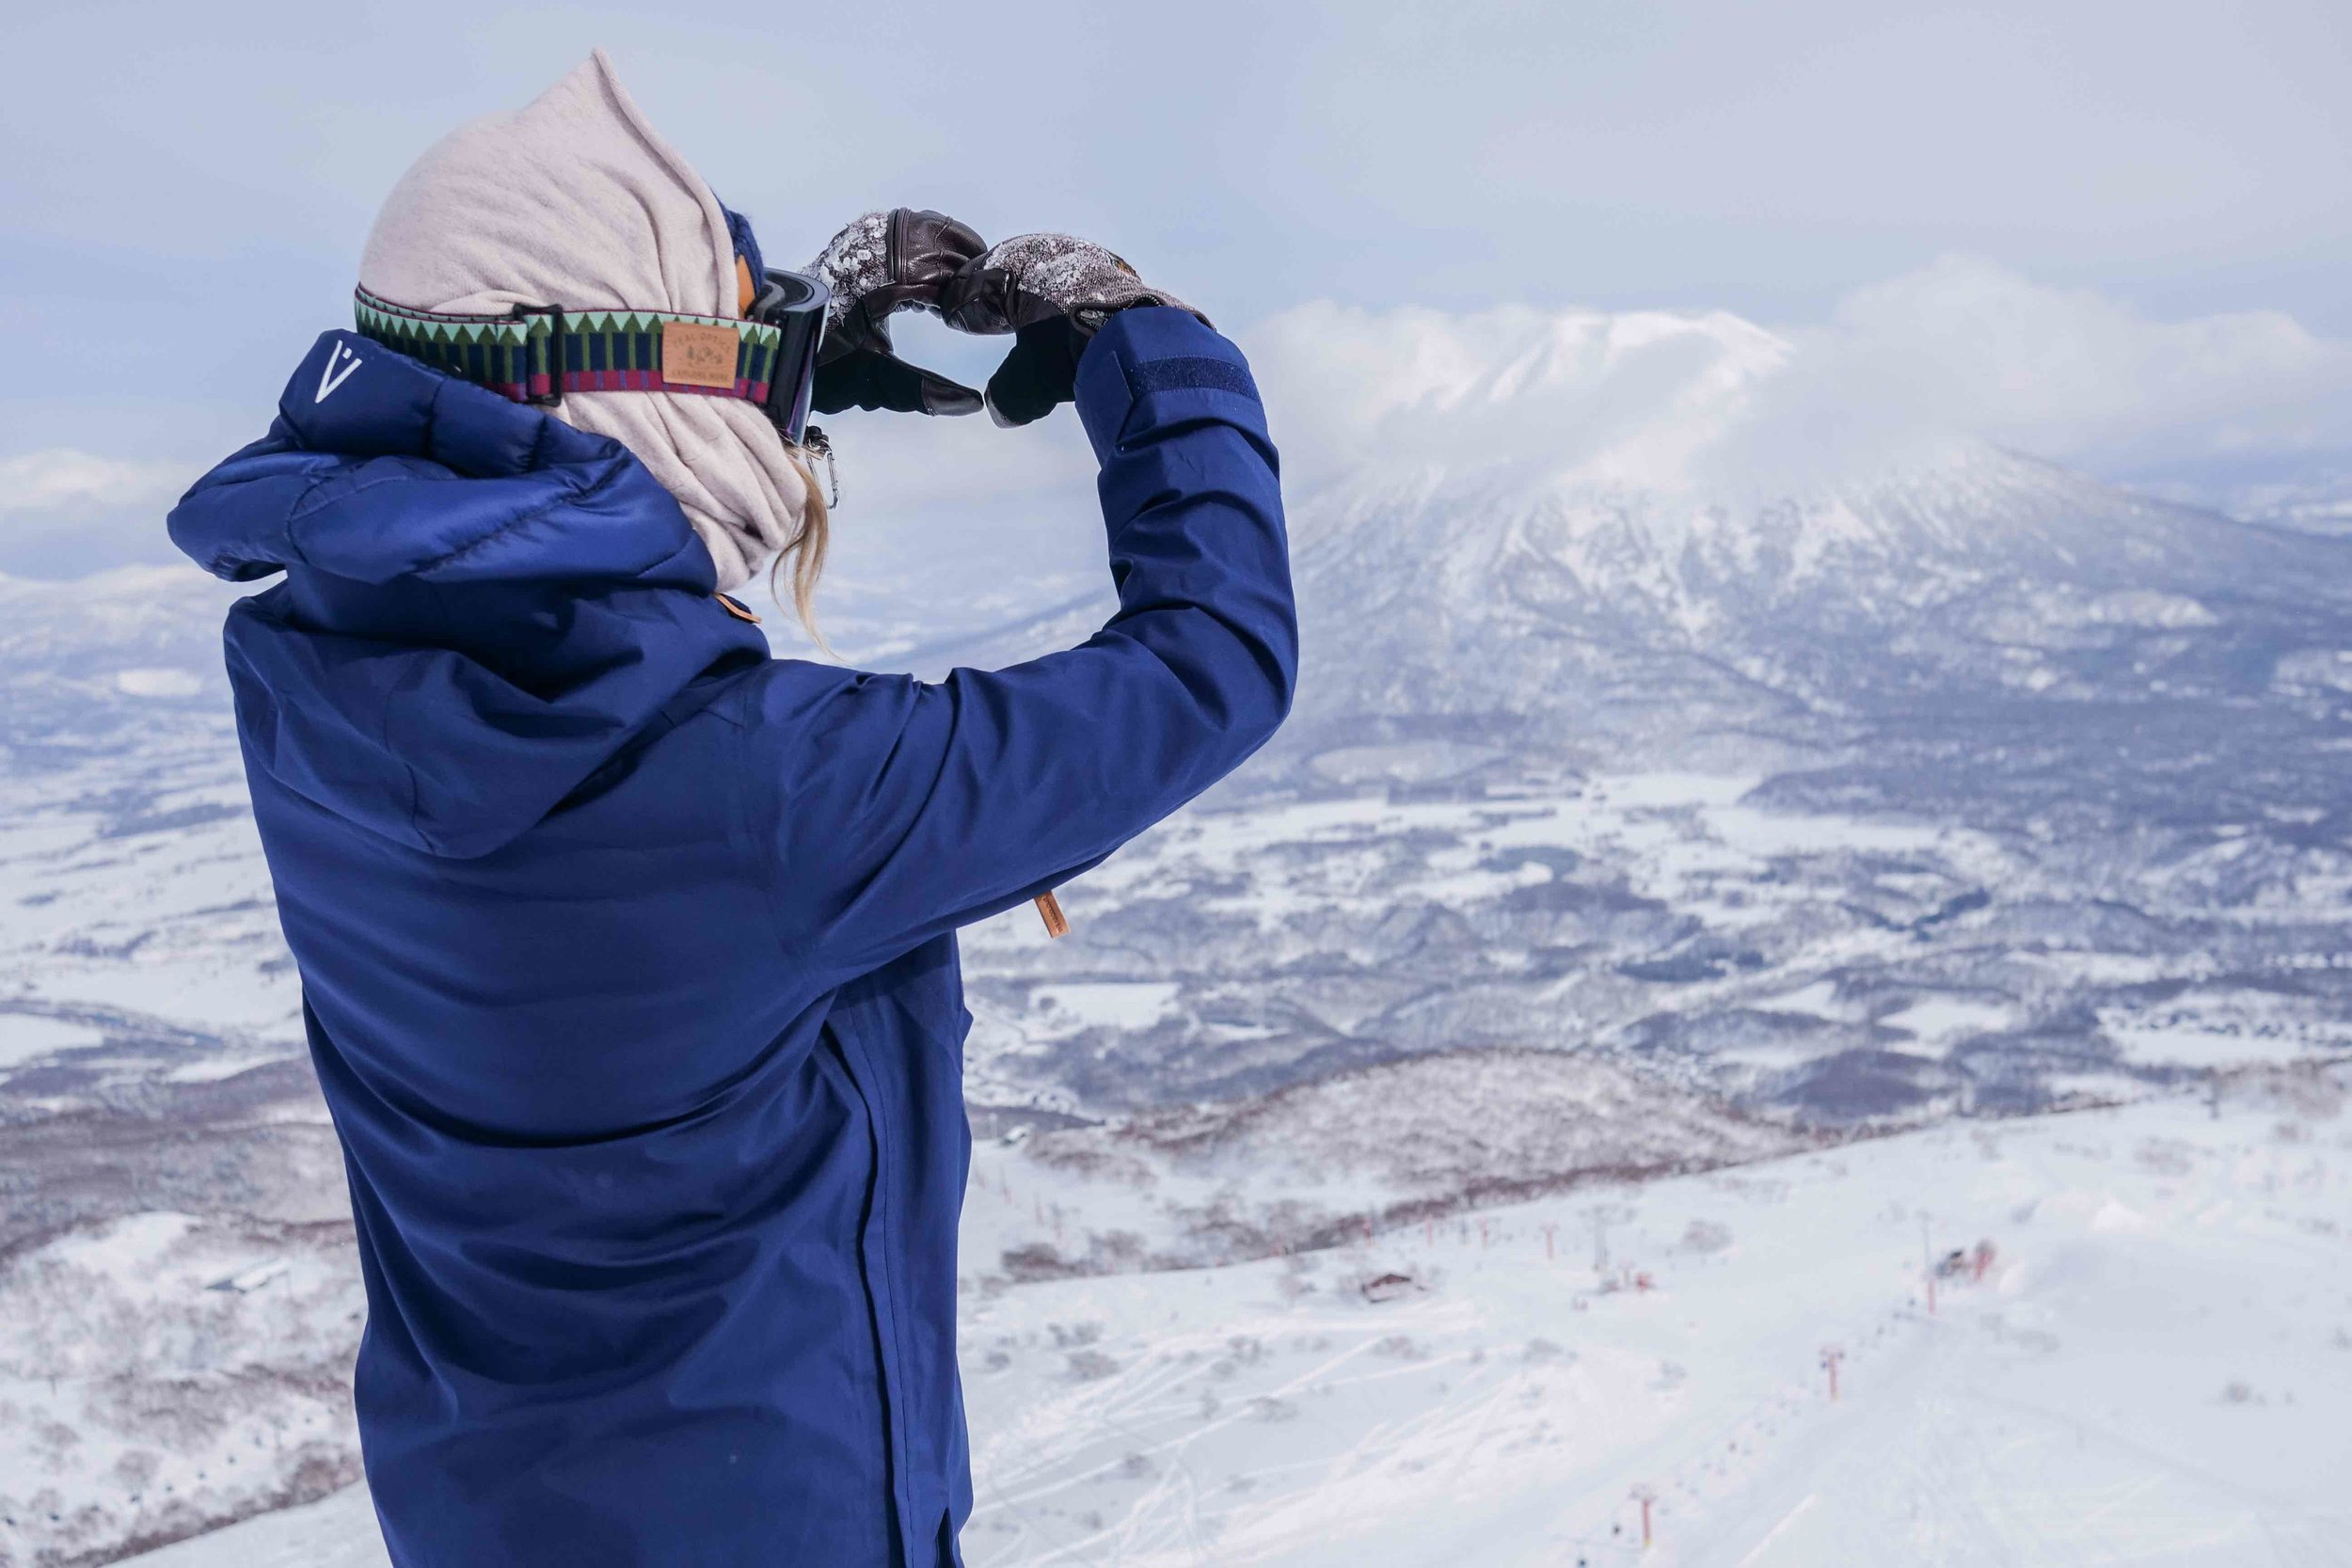 KJERSTI BUAAS SNOWBOARDING MT YOTEI LOVE.jpg